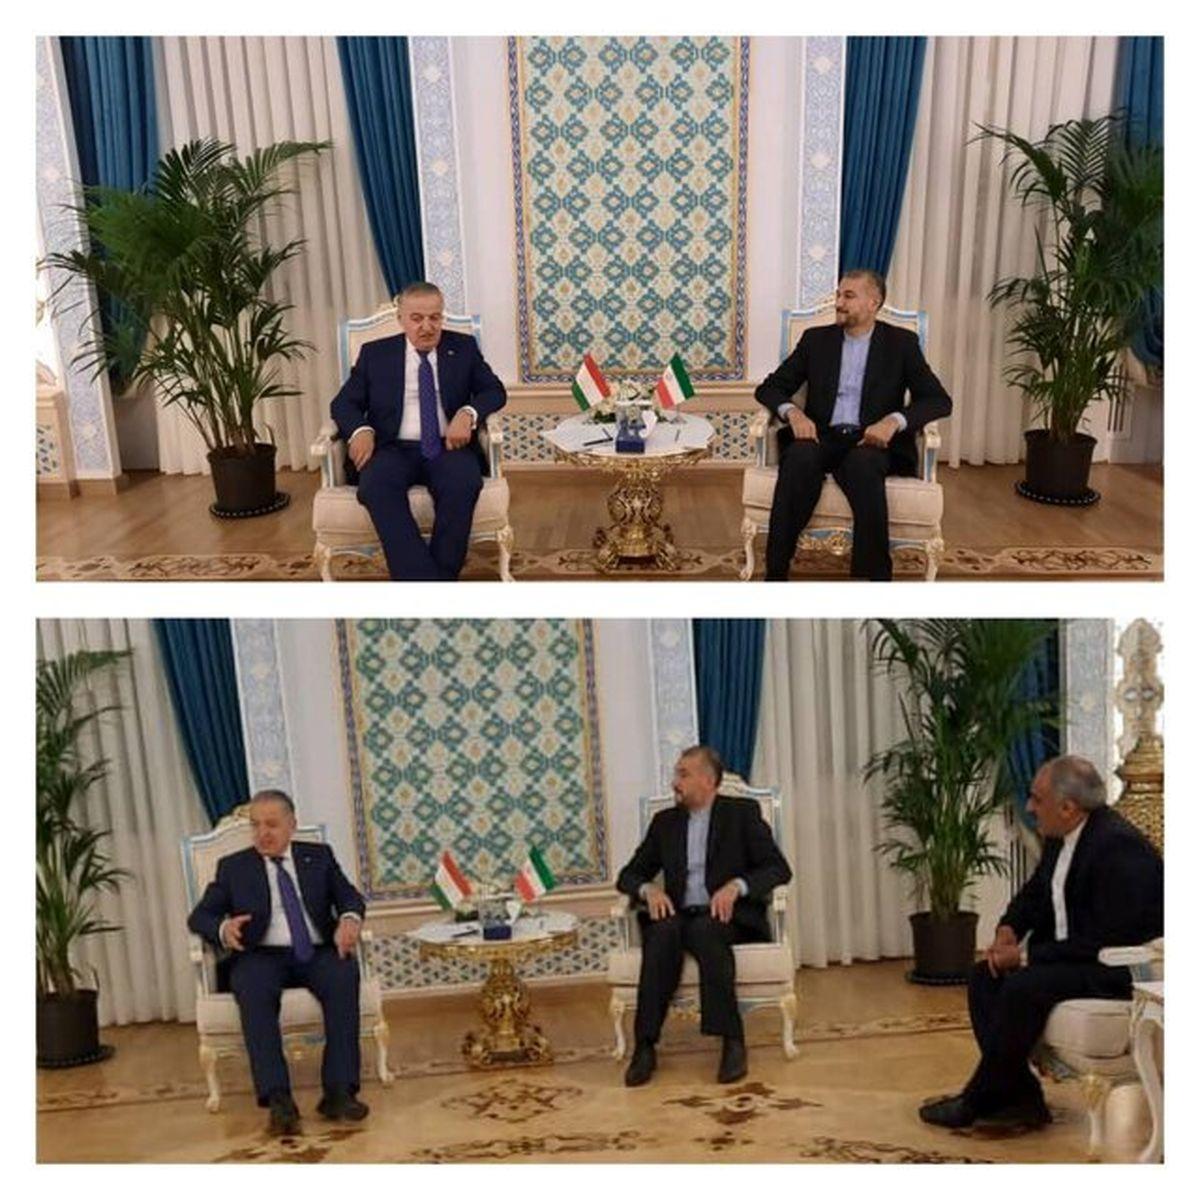 وزرای خارجه ایران و تاجیکستان بر لزوم تشکیل دولتی فراگیر در افغانستان تاکید کردند